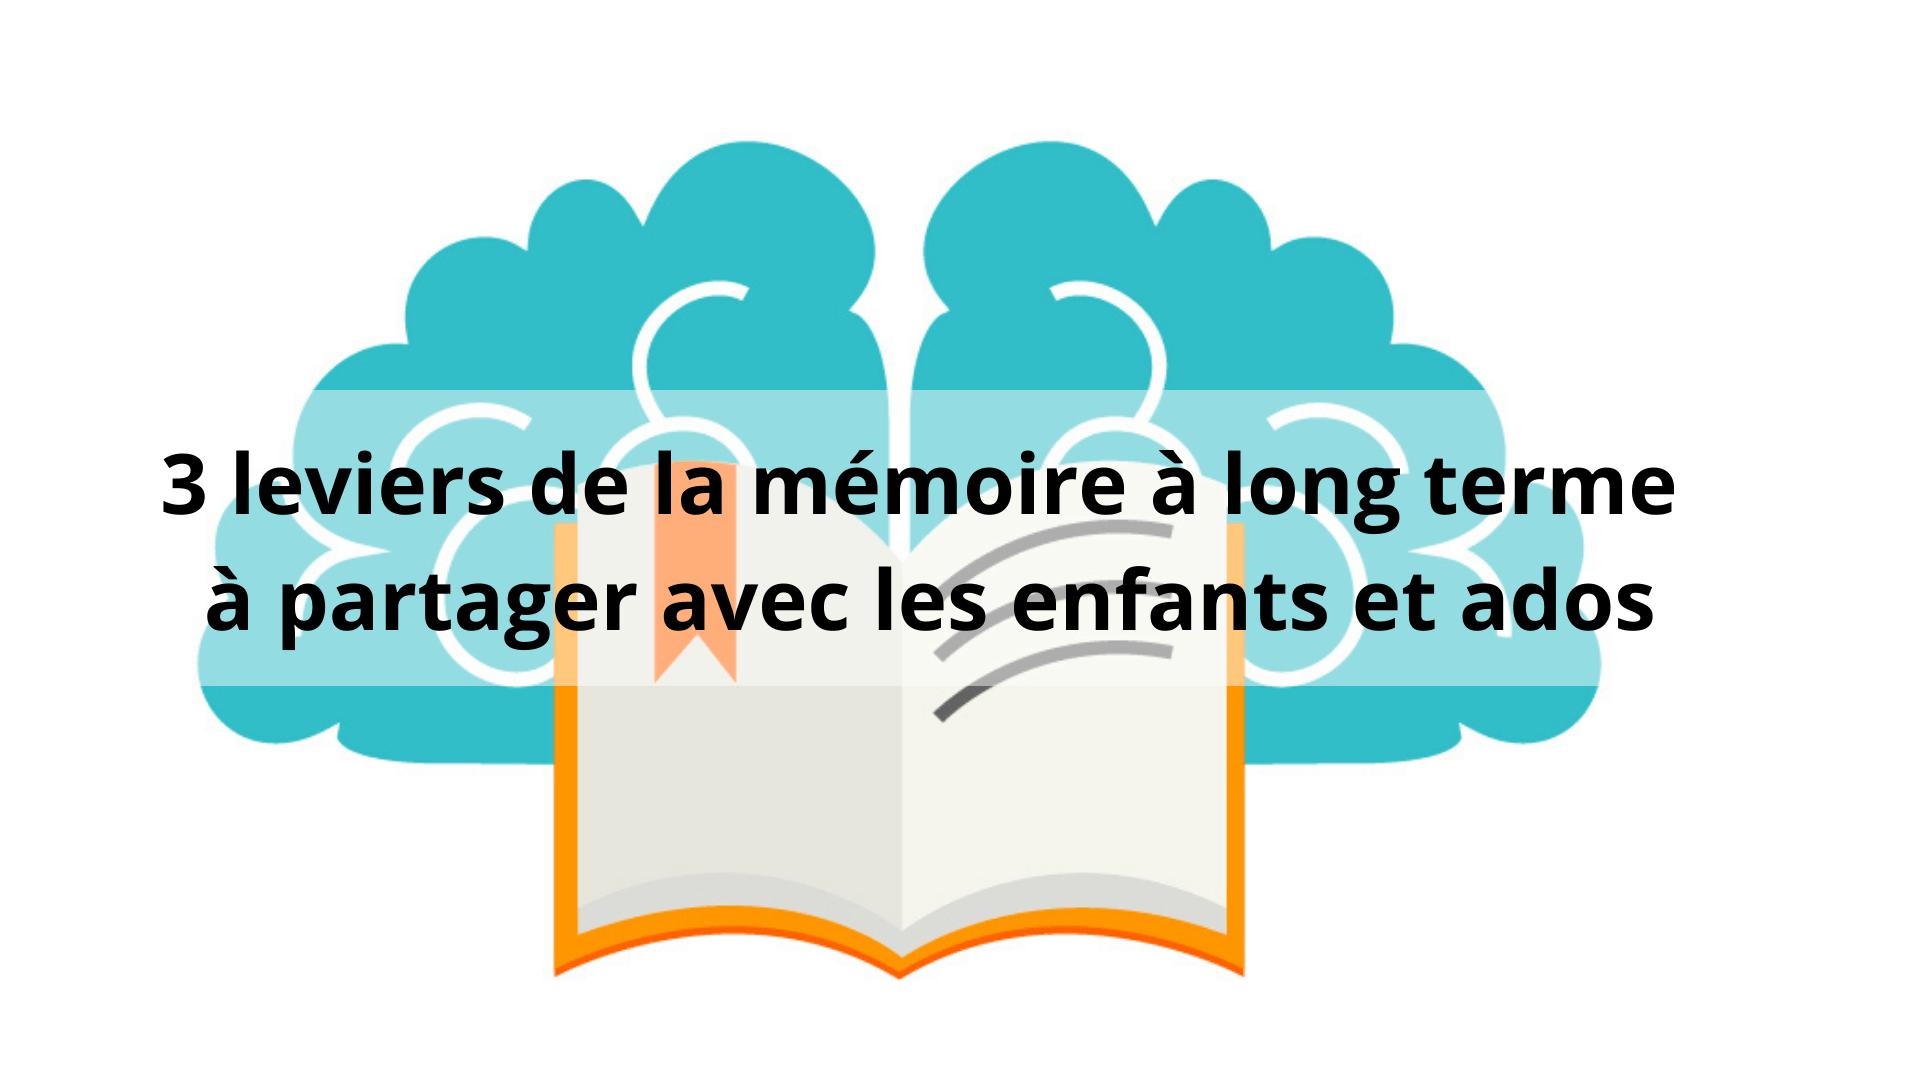 3 leviers de la mémoire à long terme à partager avec les enfants et ados